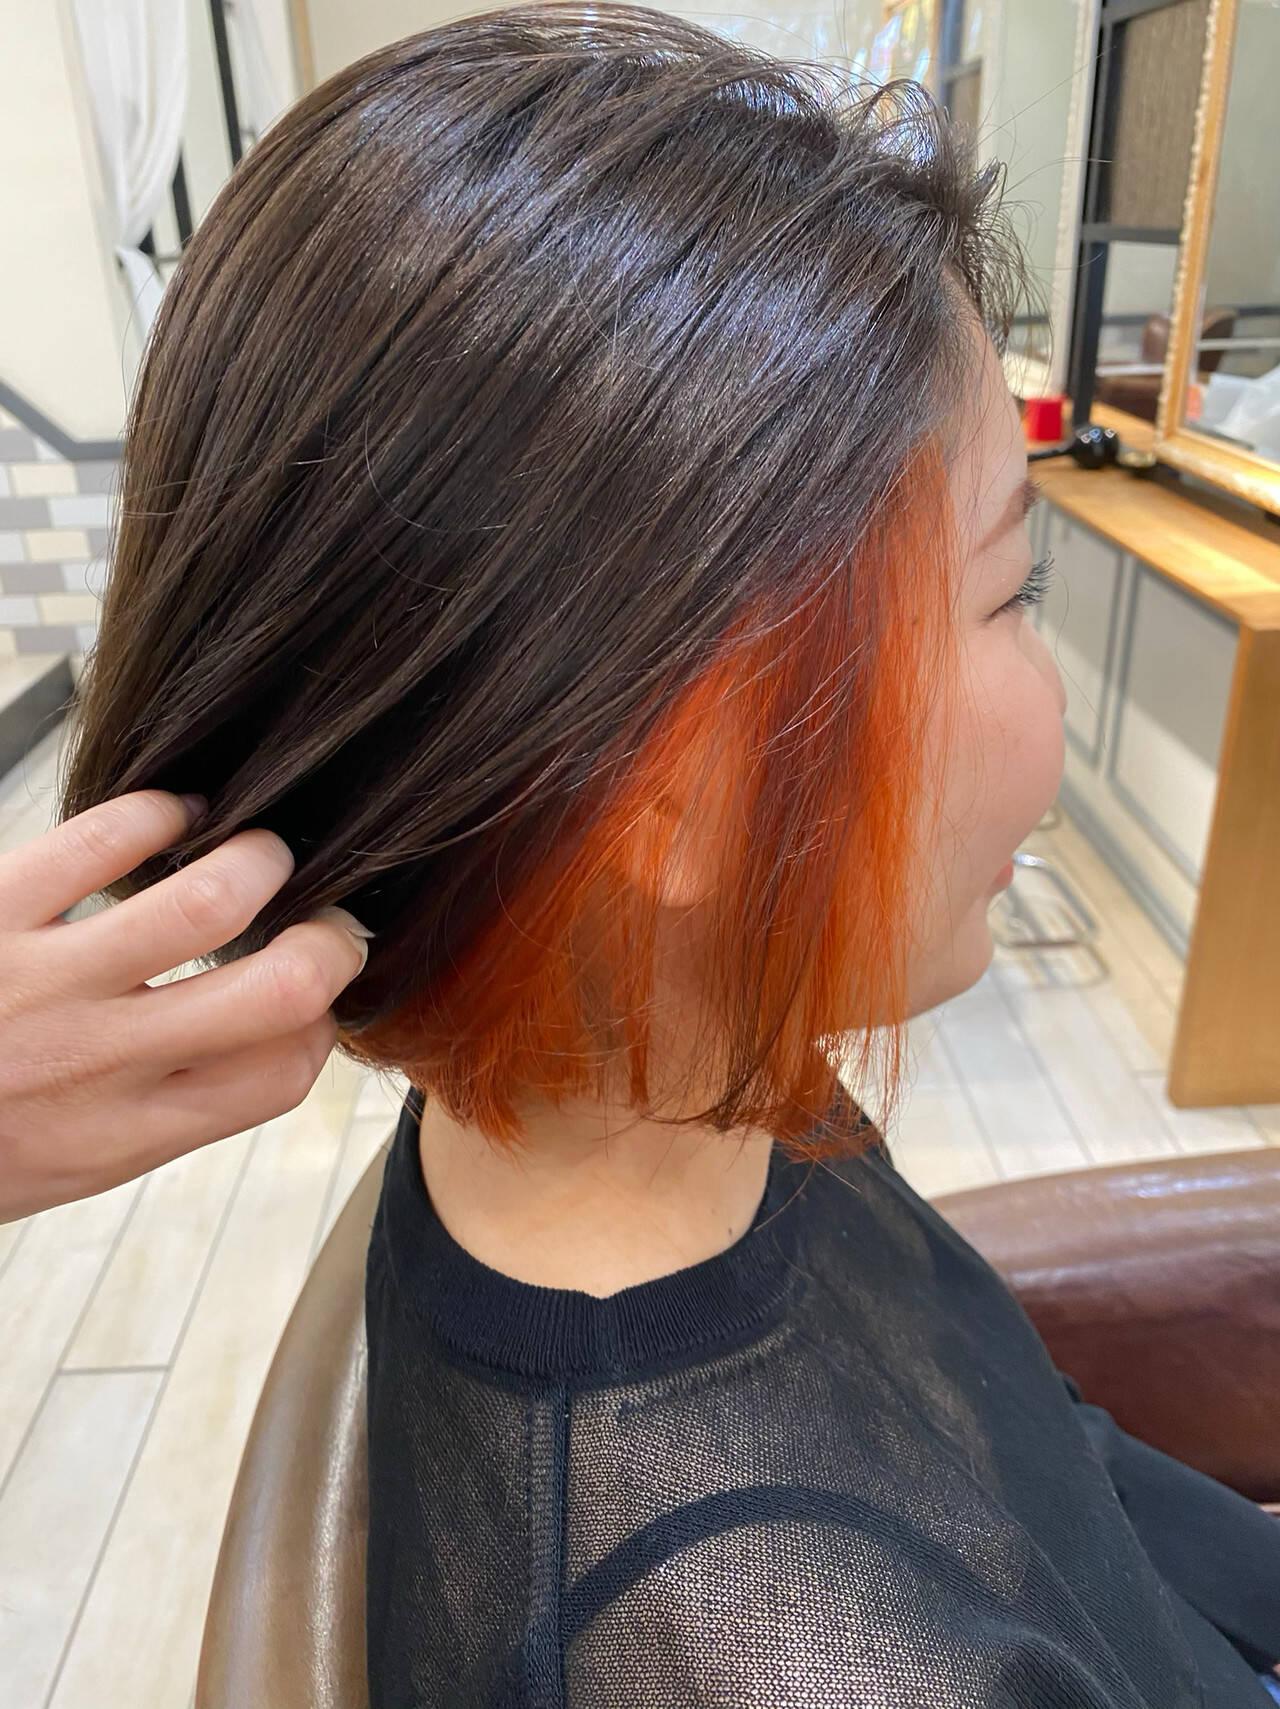 ハイトーン ブラットオレンジ ショートボブ ボブヘアスタイルや髪型の写真・画像